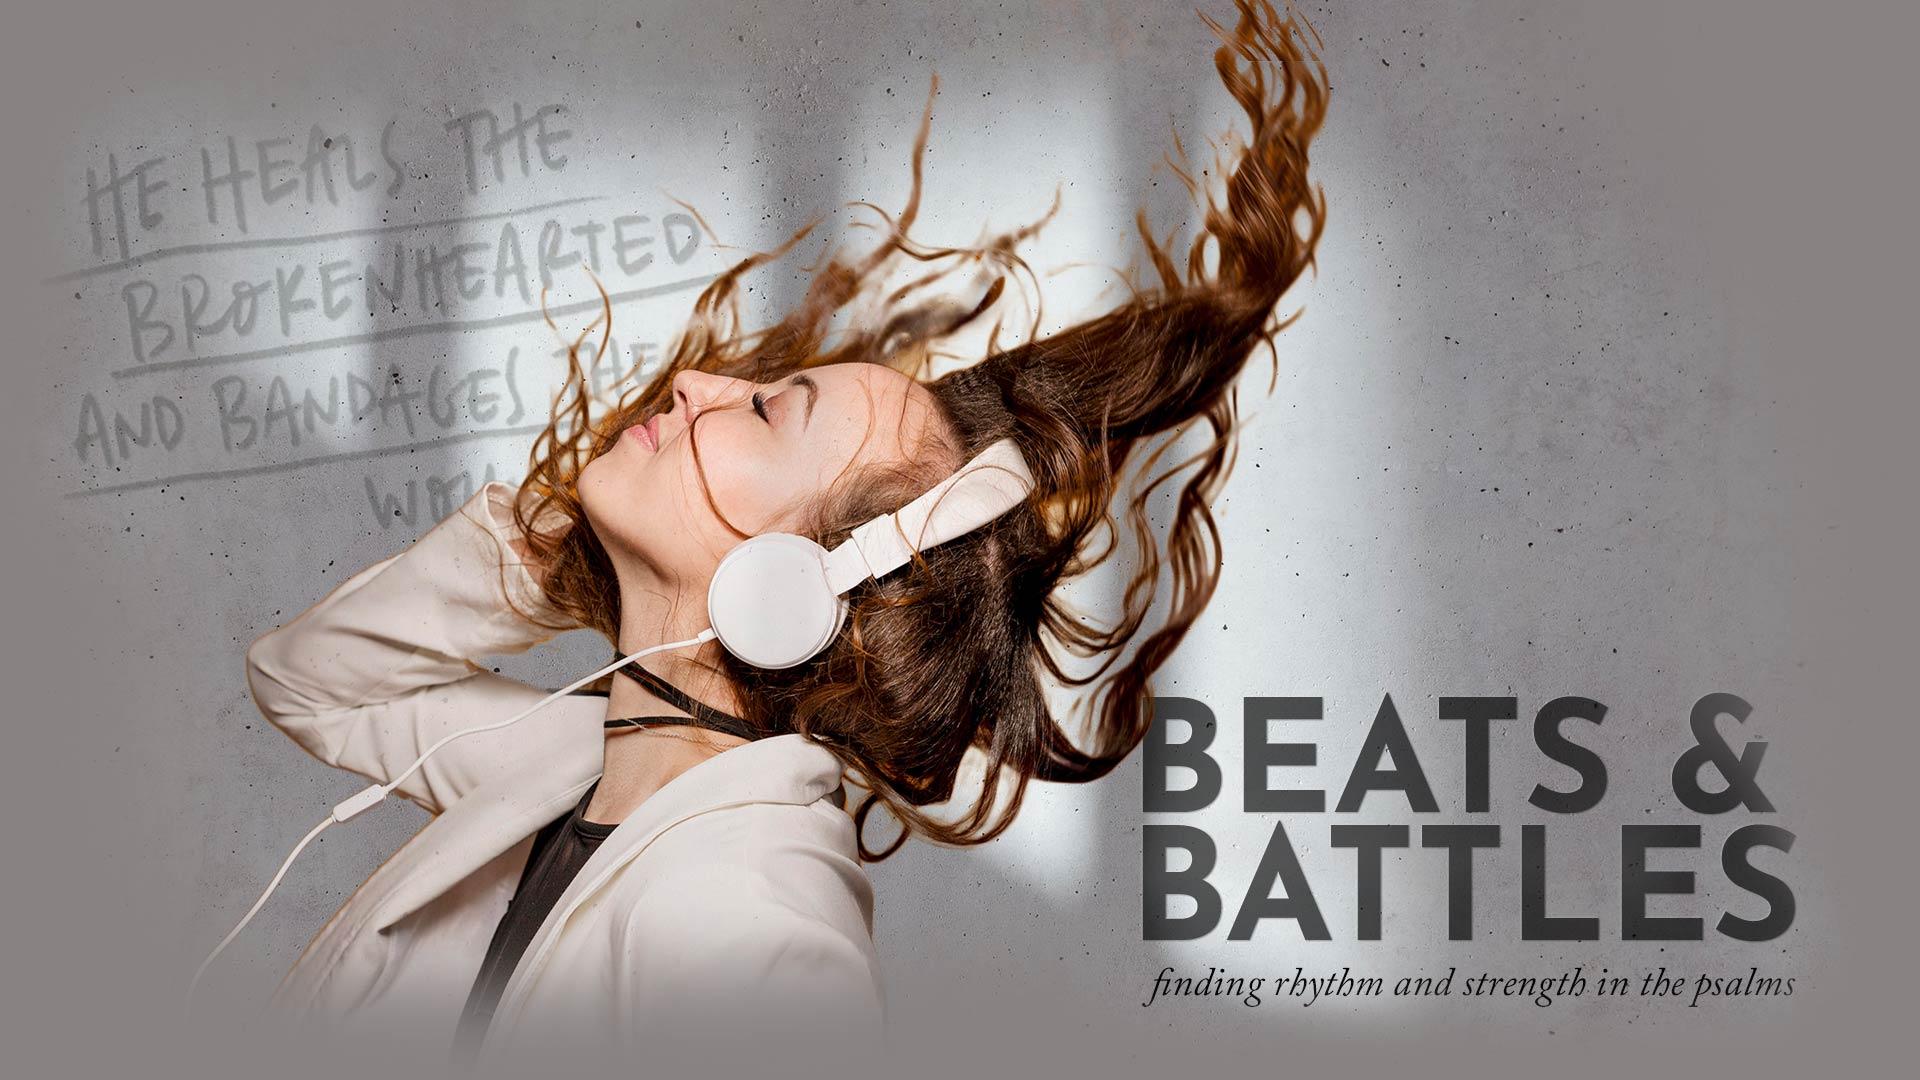 Beats & Battles